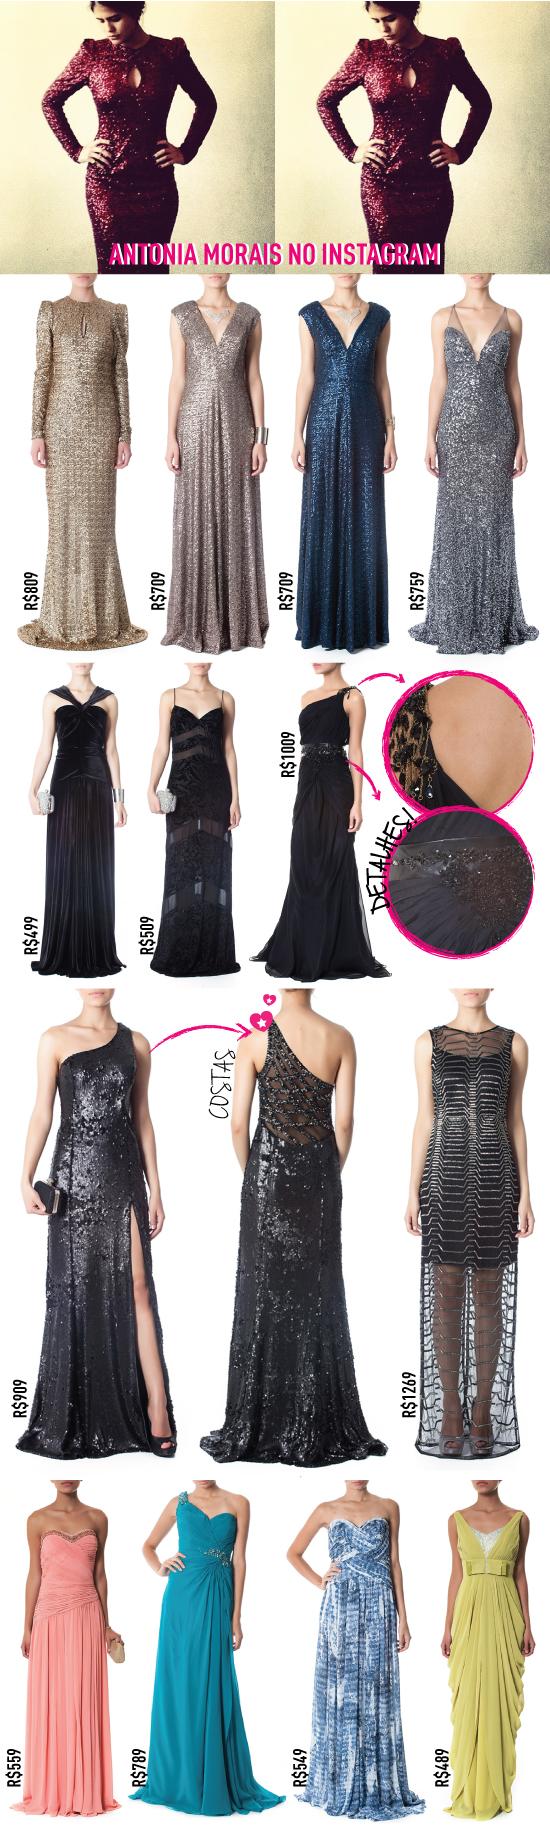 vestidoteca-site-vestido-de-festa-comprando-online-internet-longo-csamento-madrinha-bordado-veludo-paete-brilho-onde-comprar-dica-antonia-morais-intagram